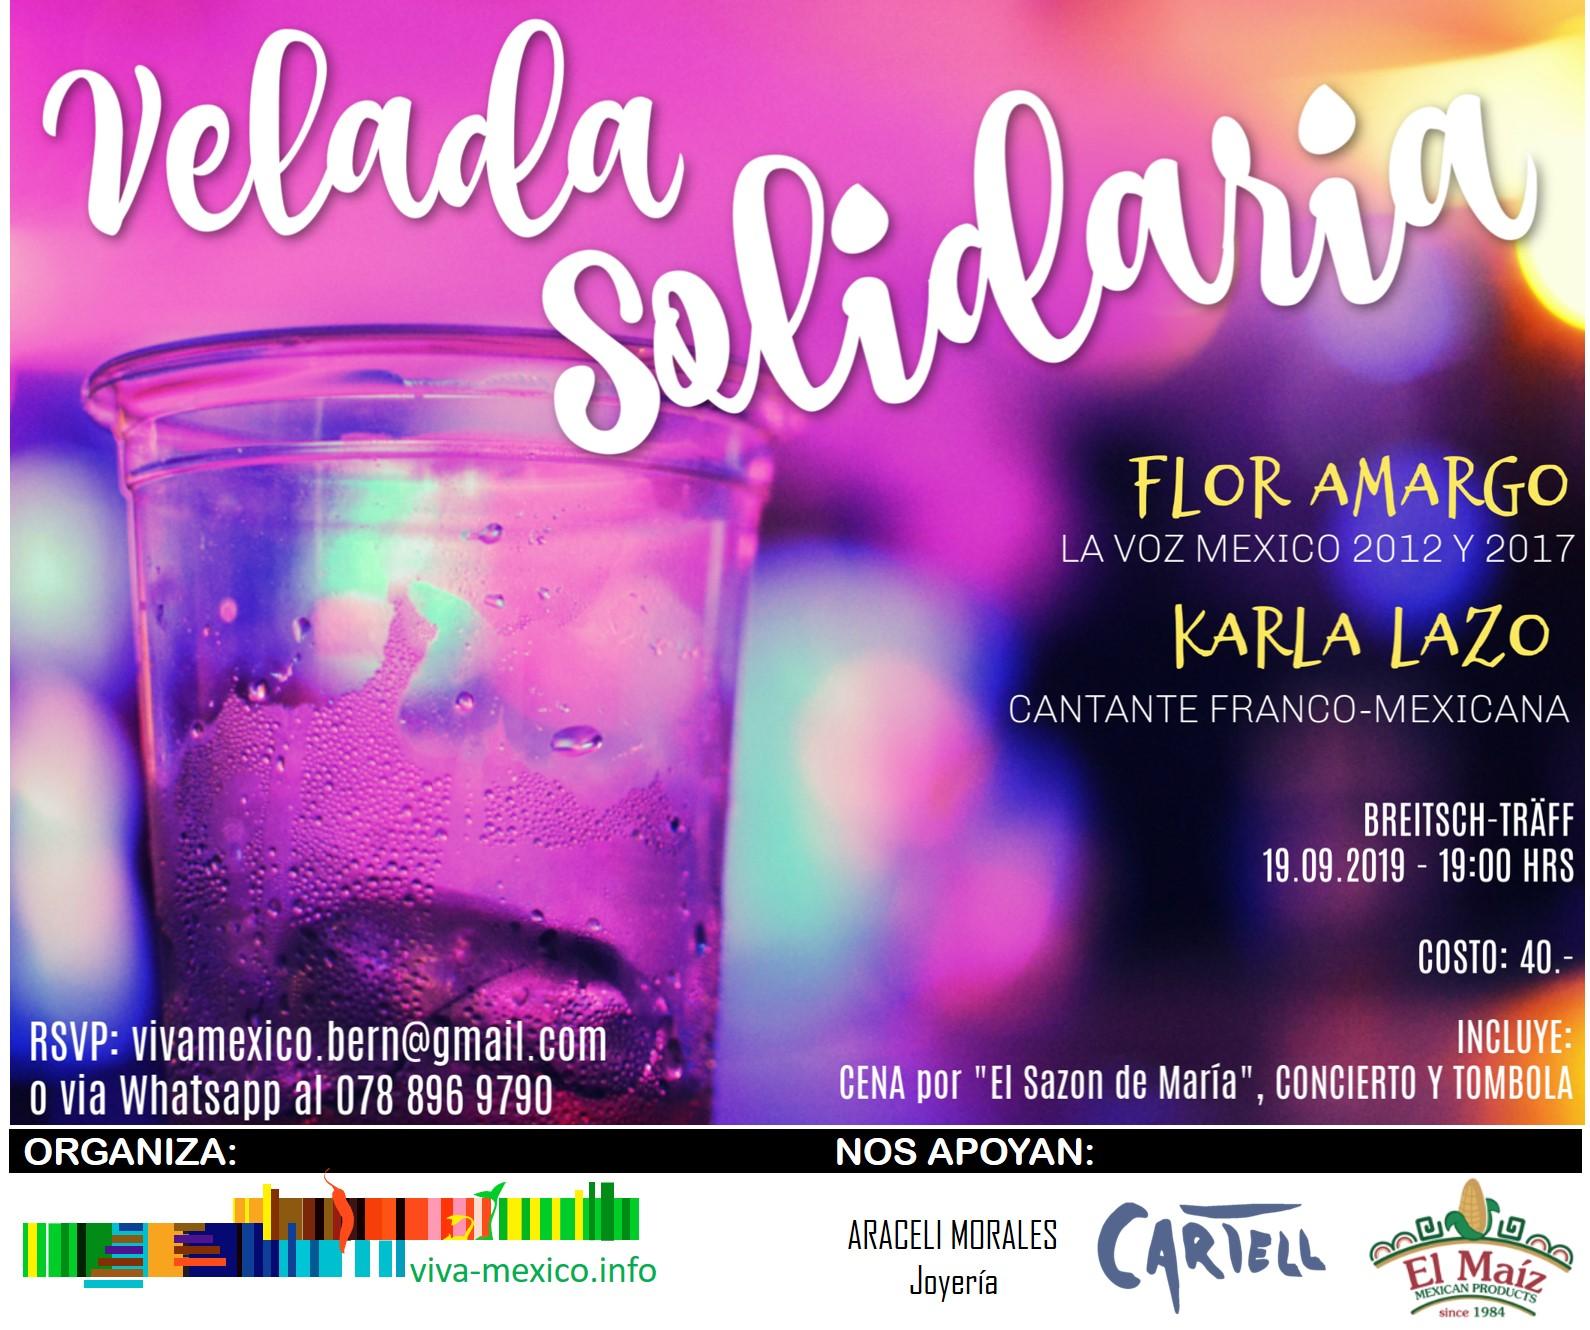 2019-09-19 Velada solidaria.jpg